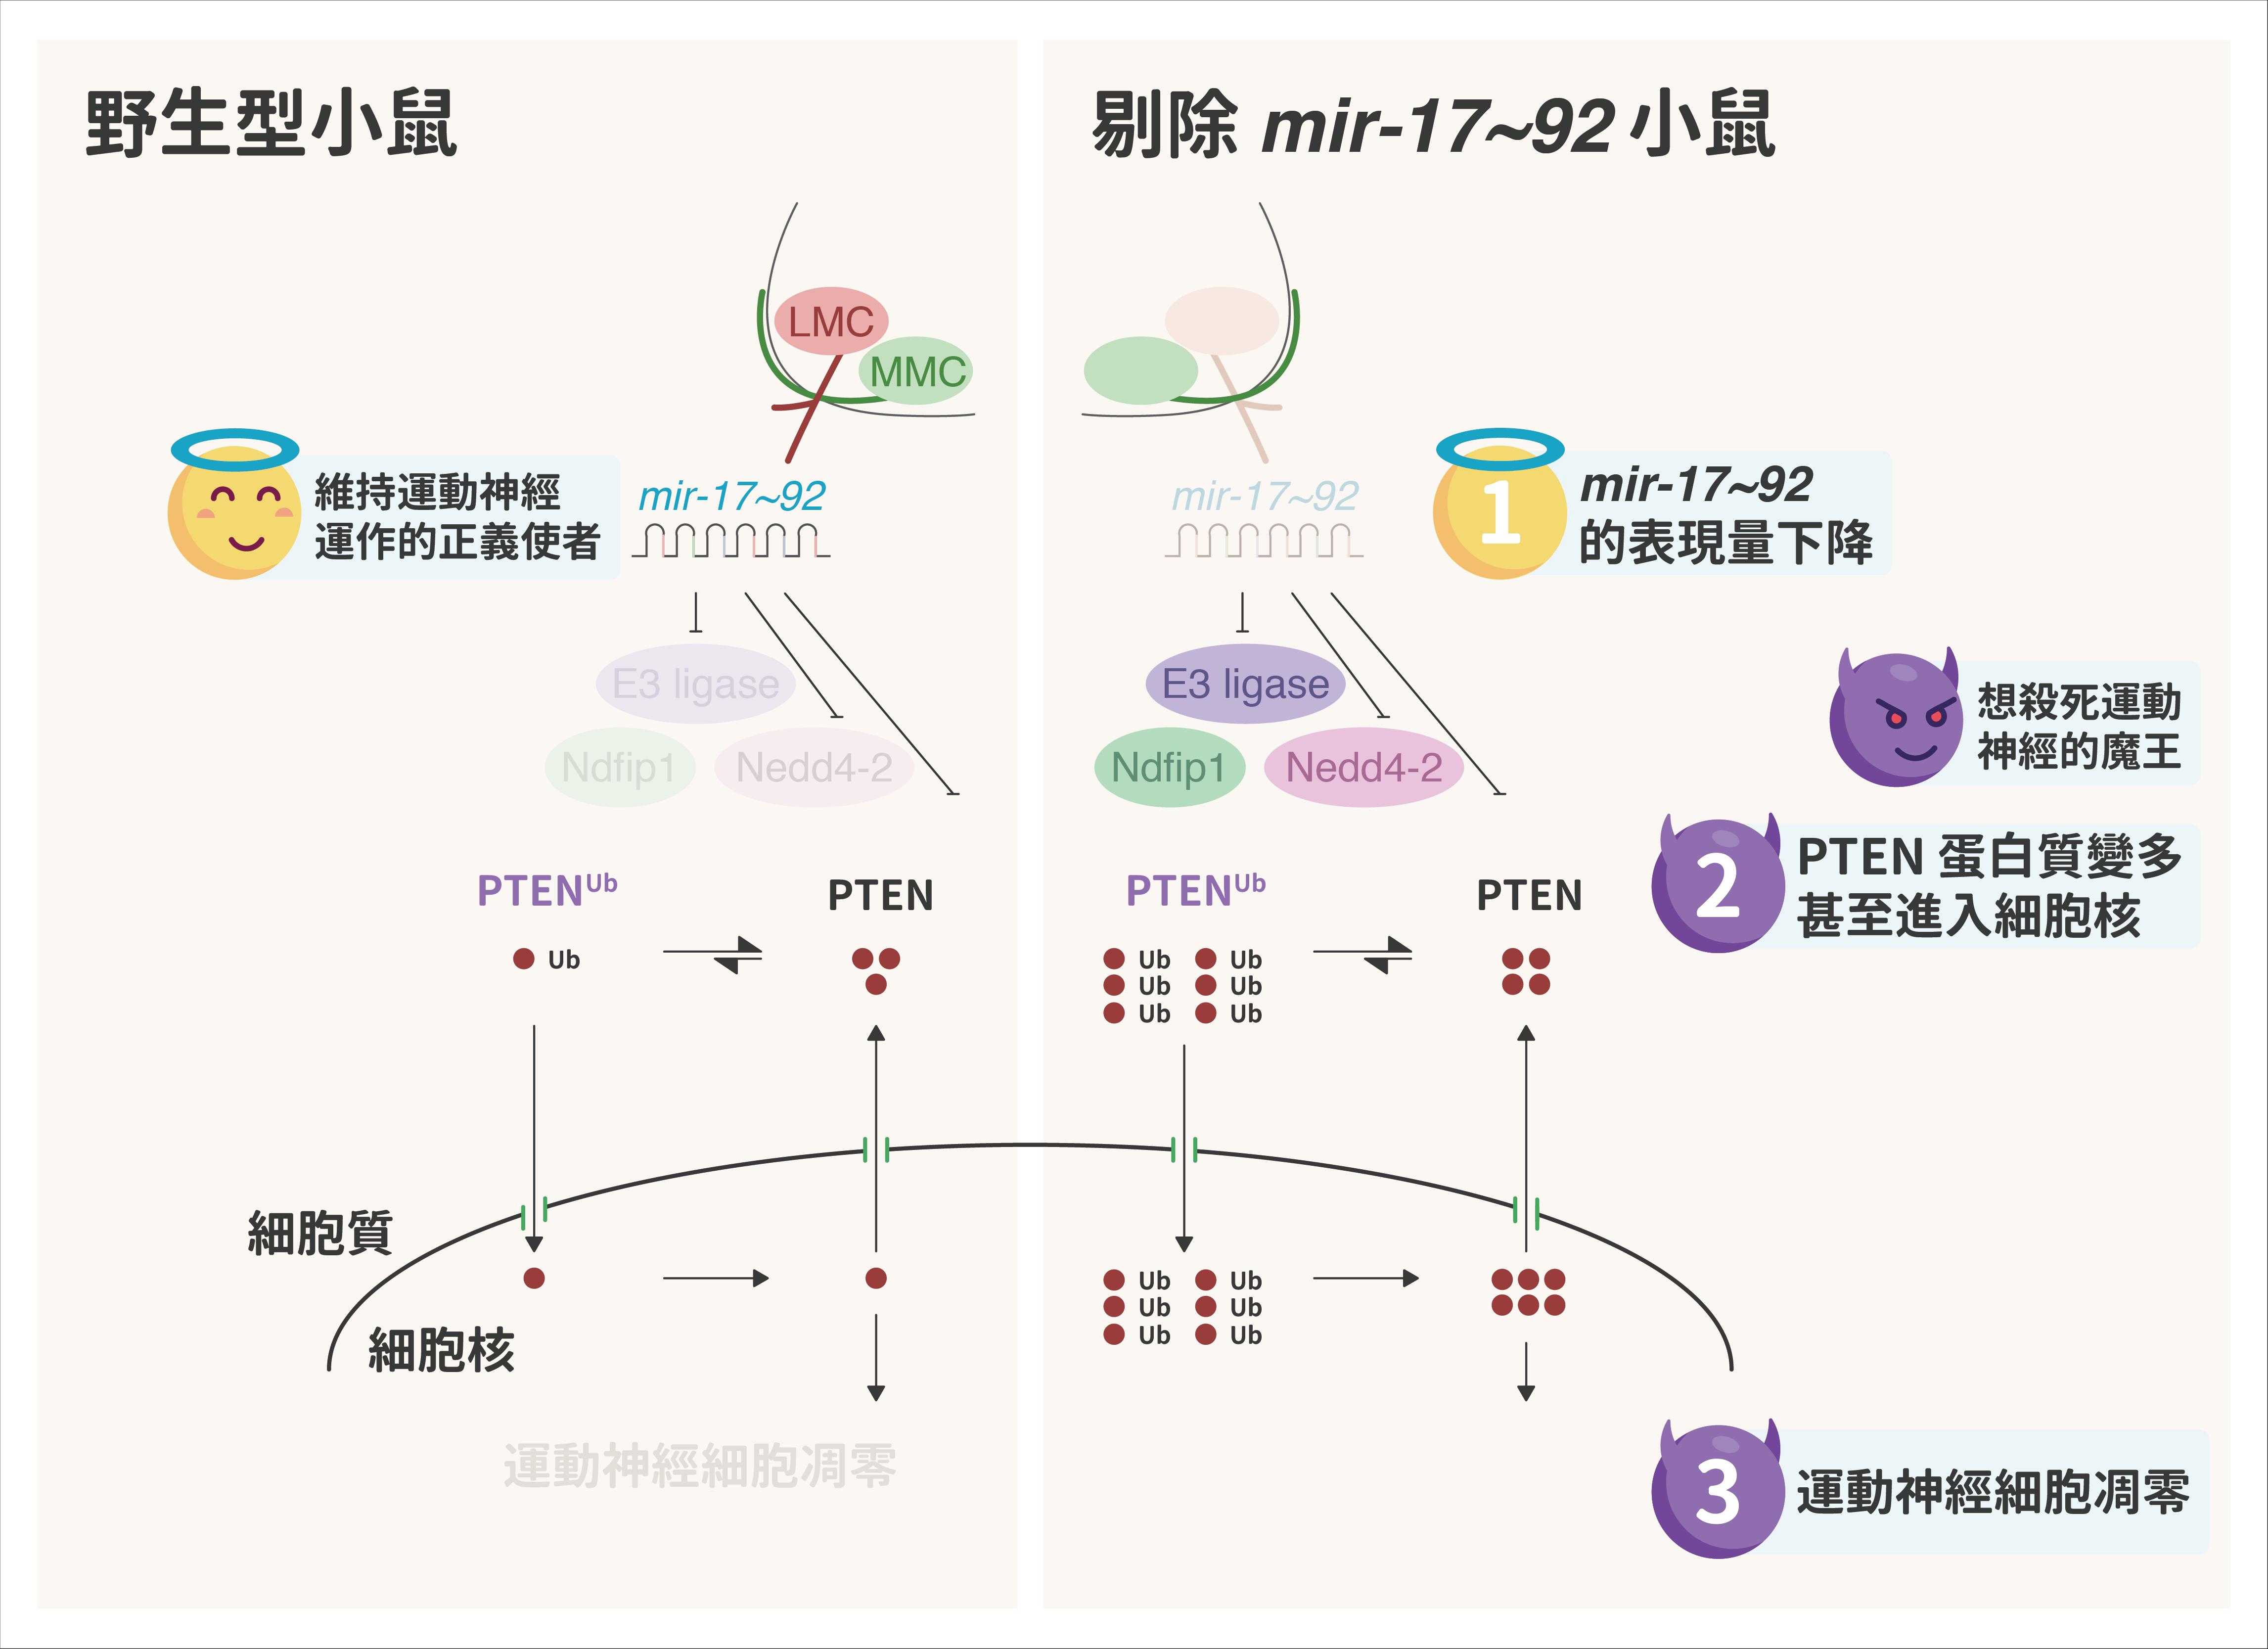 野生型小鼠(左)由於有 mir-17~92 抑制 PTEN 蛋白質,維持運動神經細胞正常運作。但剔除 mir-17~92 的小鼠,PTEN 蛋白質變多,甚至進入運動神經細胞裡、造成細胞凋零。圖│研之有物 (資料來源│Mir-17~92 Governs Motor Neuron Subtype Survival by Mediating Nuclear PTEN.)